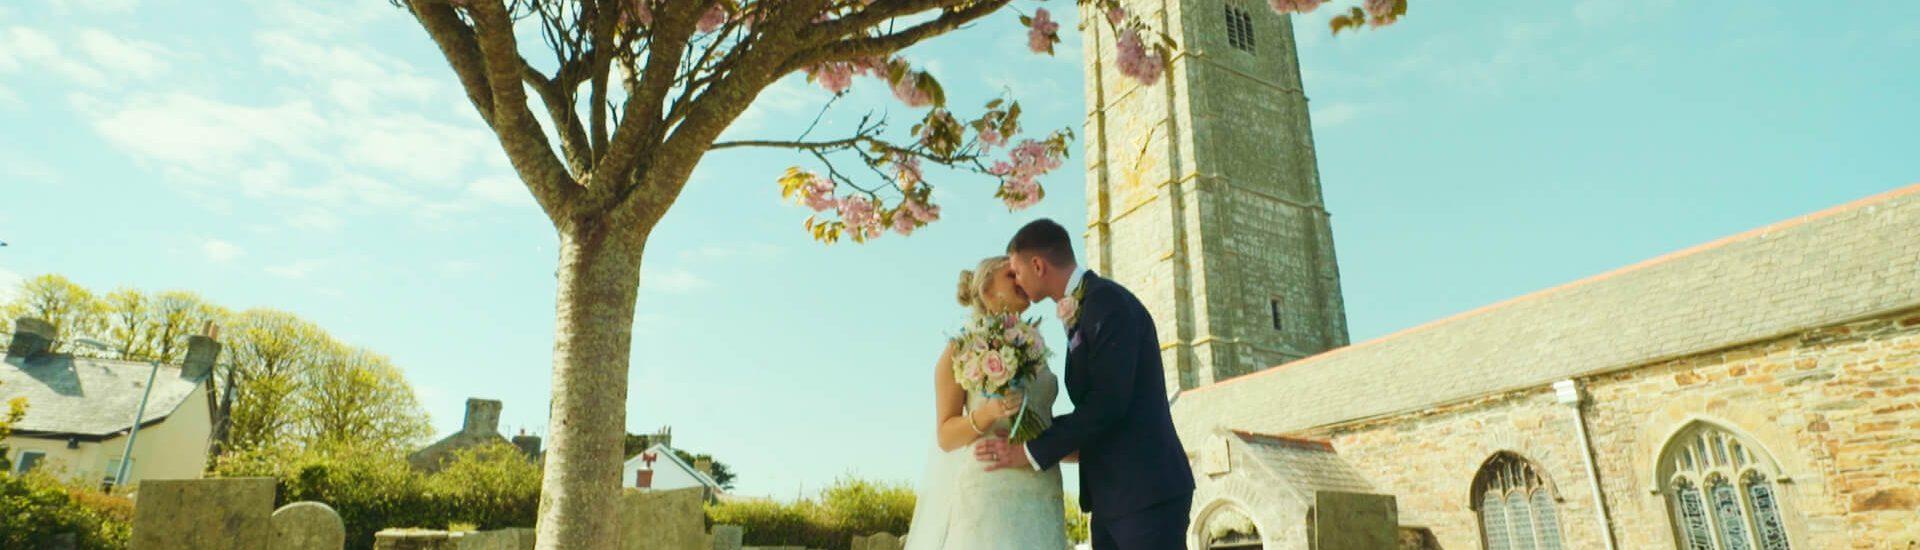 Carnmarth Hotel Wedding Film